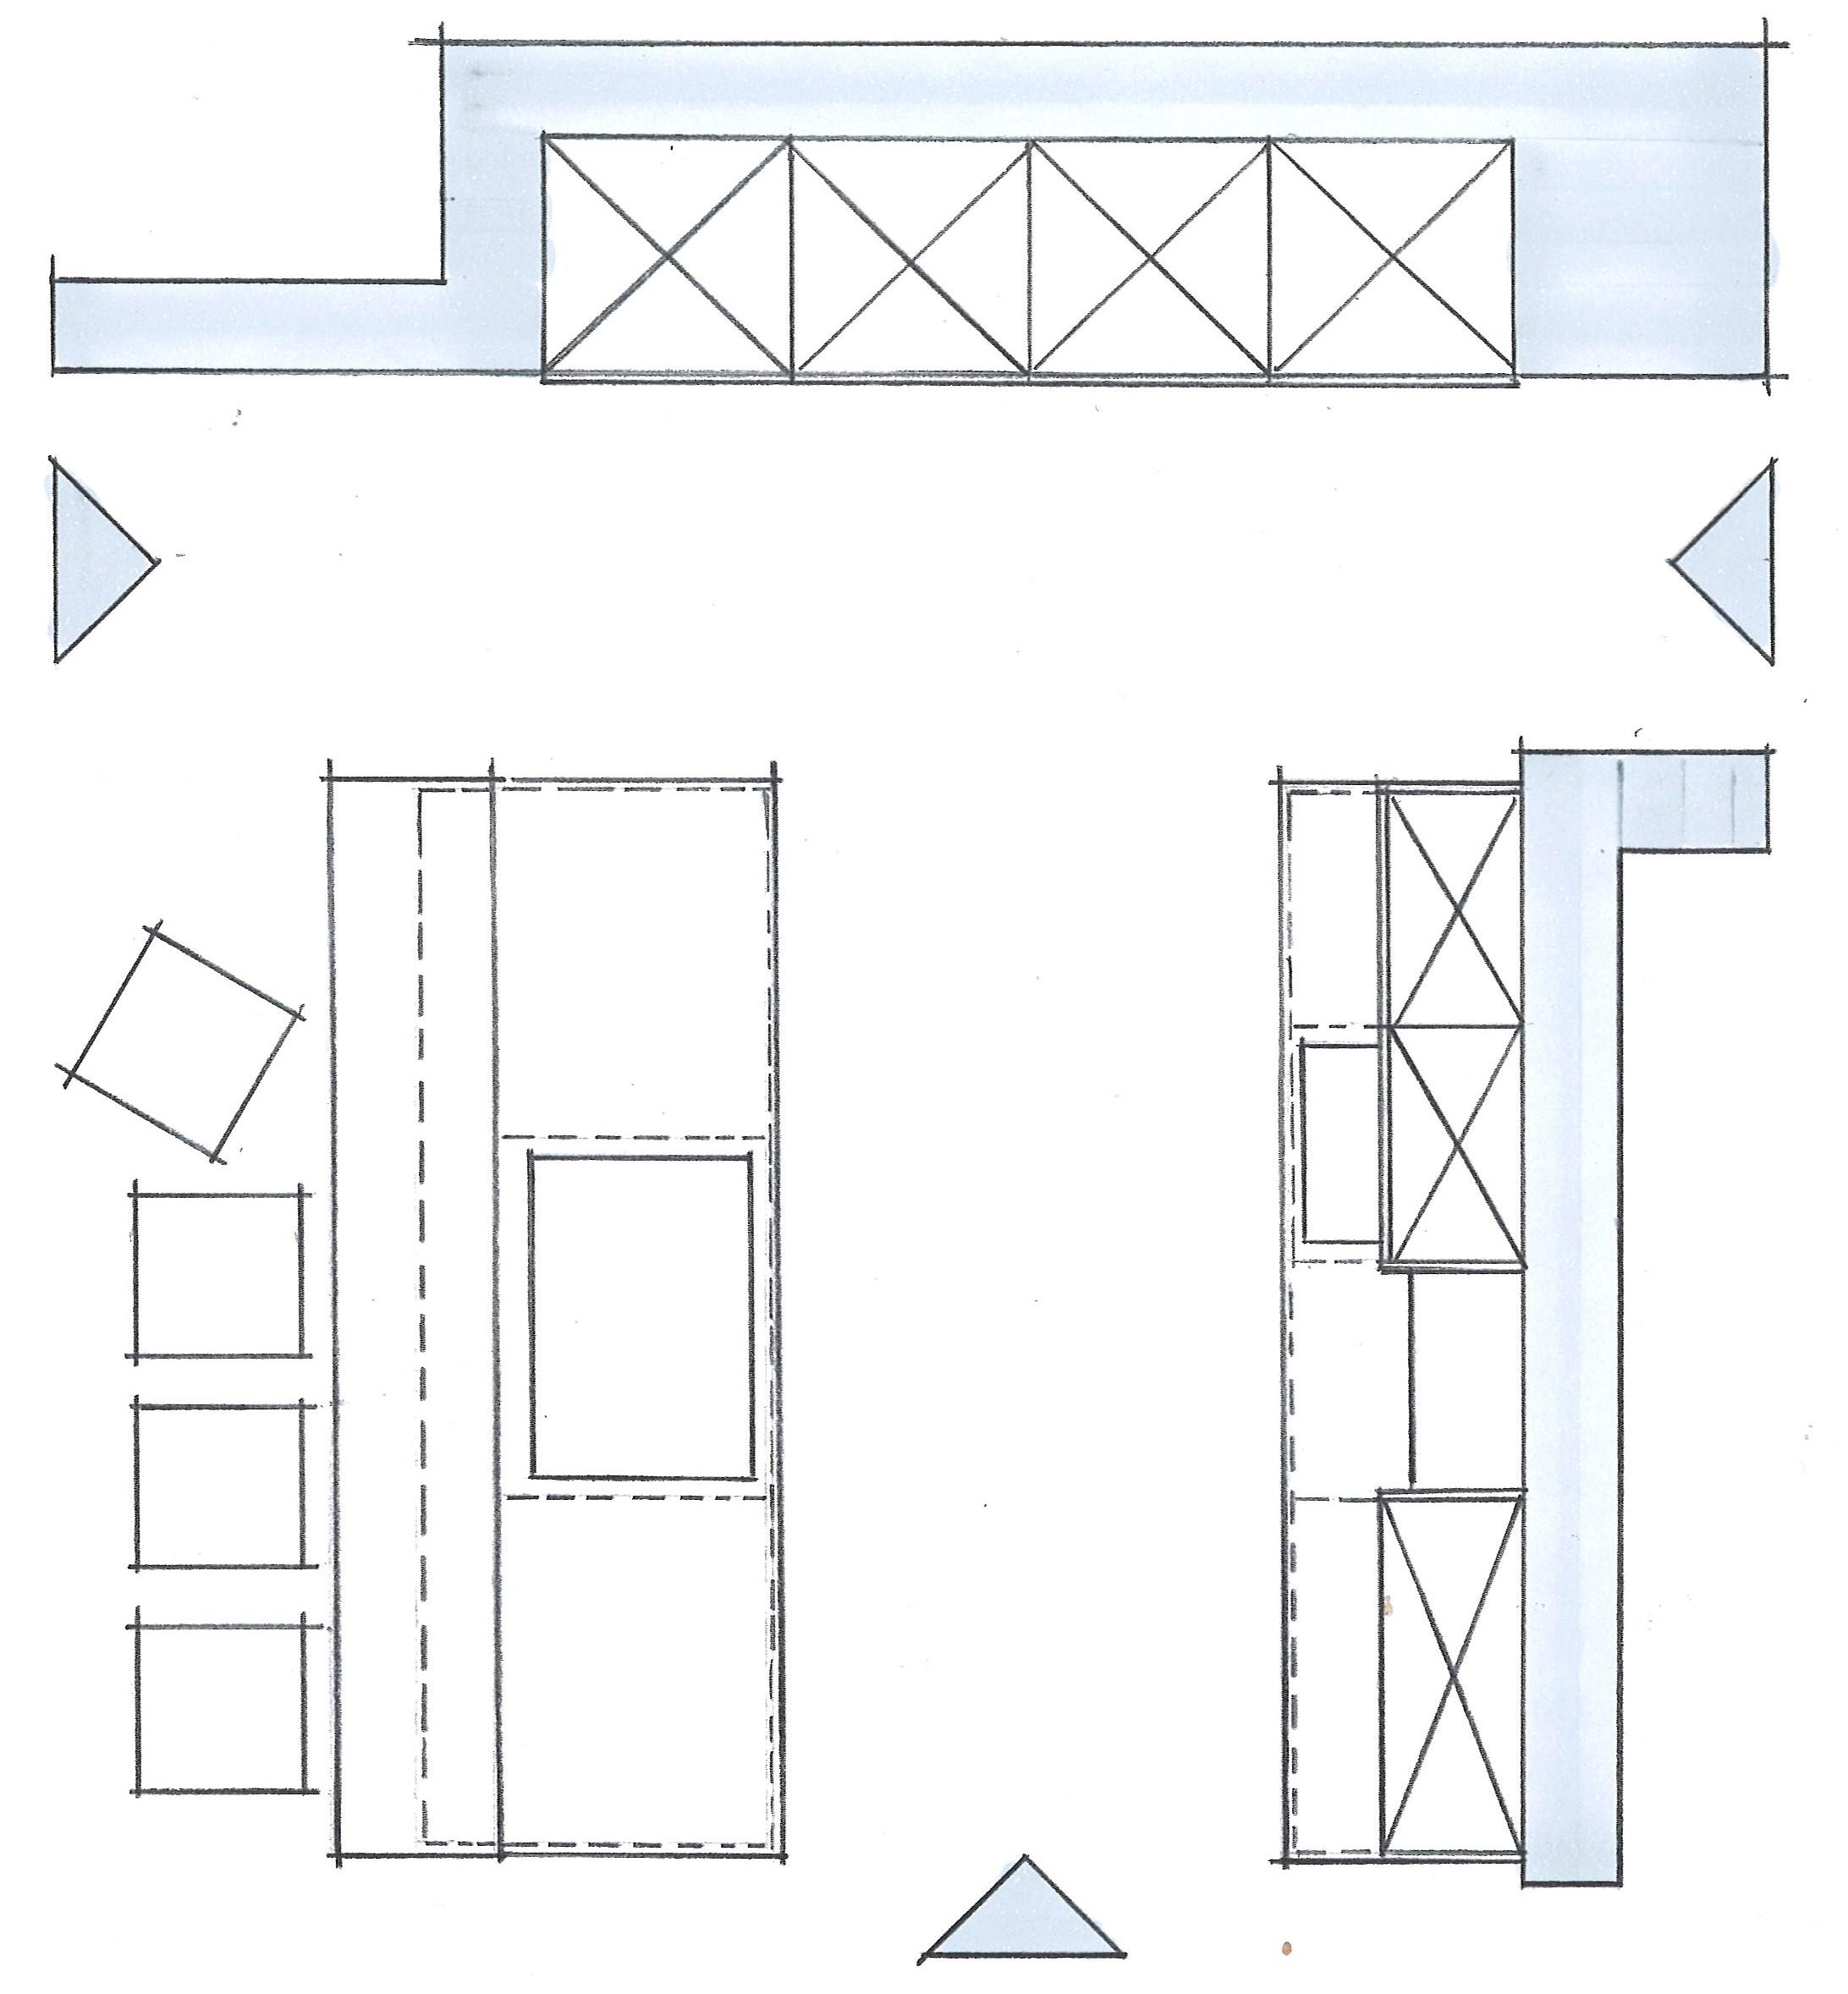 zweizeilige offene Küche mit Koch- und Sitztheke Grundriss Skizze